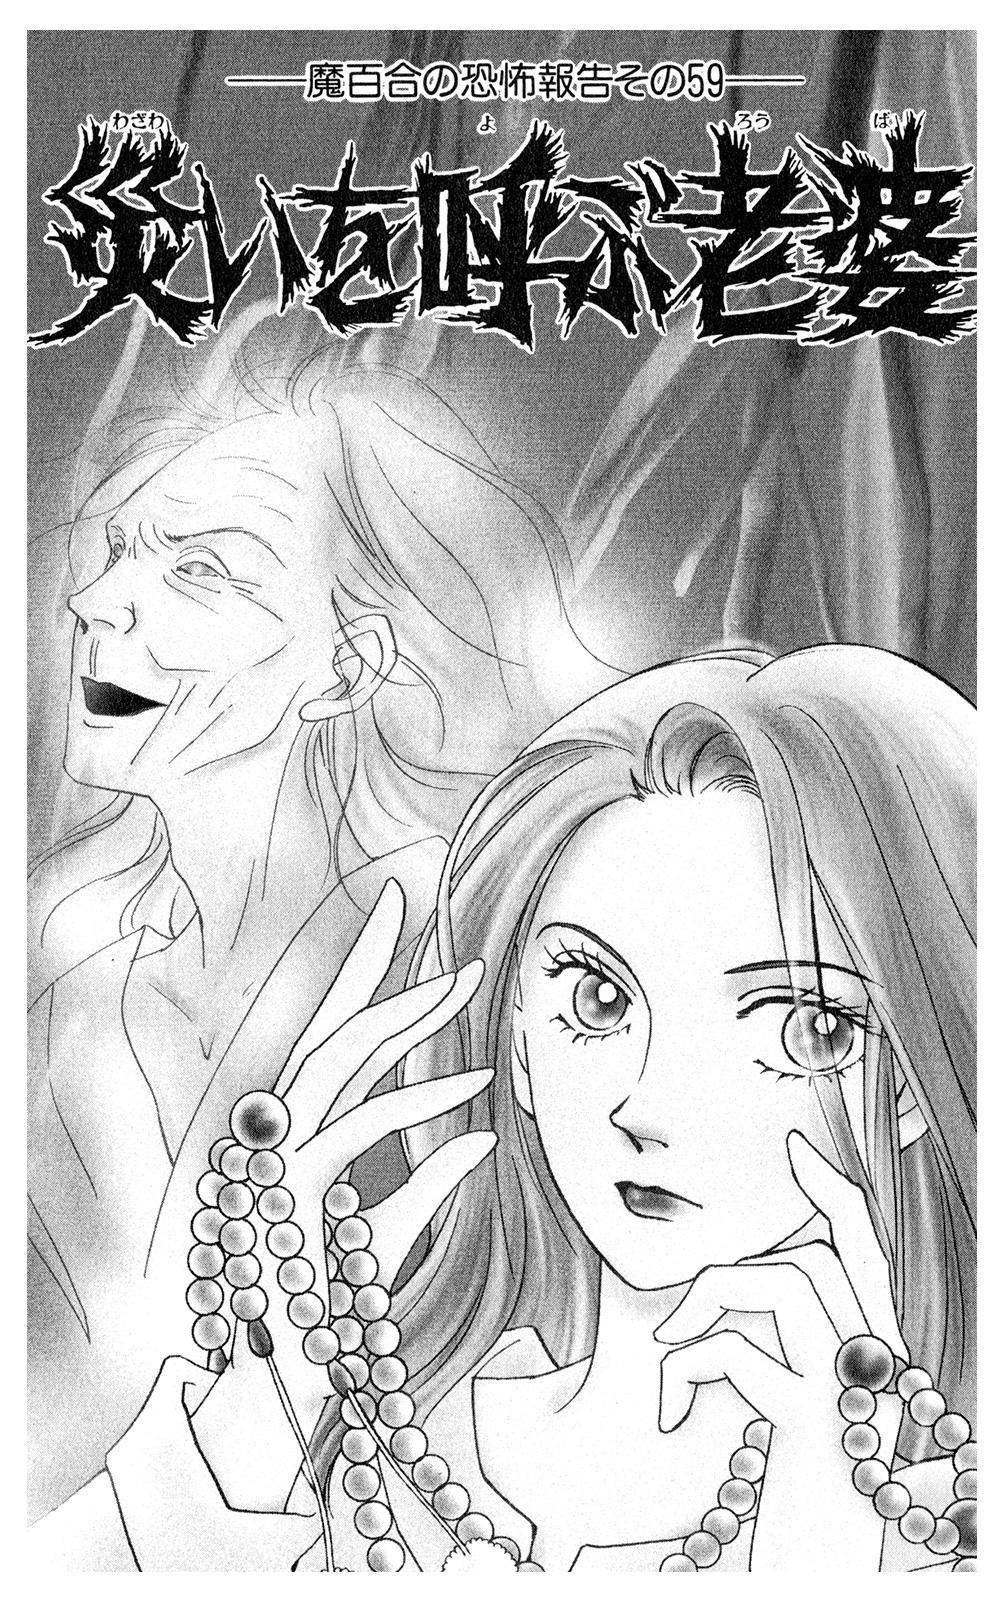 魔百合の恐怖報告 「災いを呼ぶ老婆」①rouba01-01.jpg